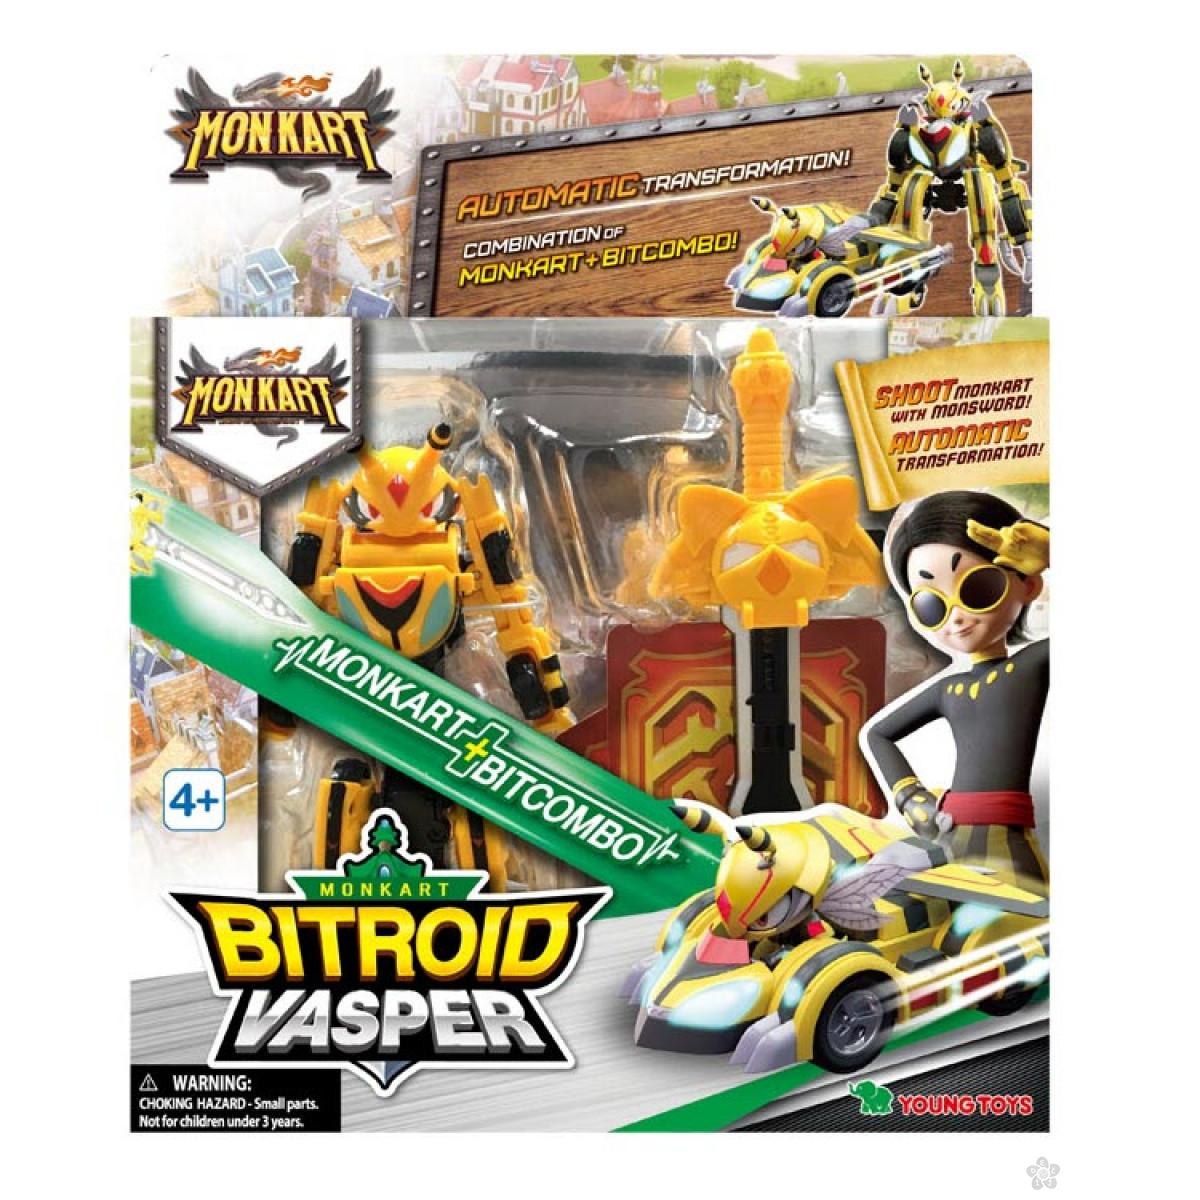 Akciona figrura Bitroid Vasper Monkart MK00093